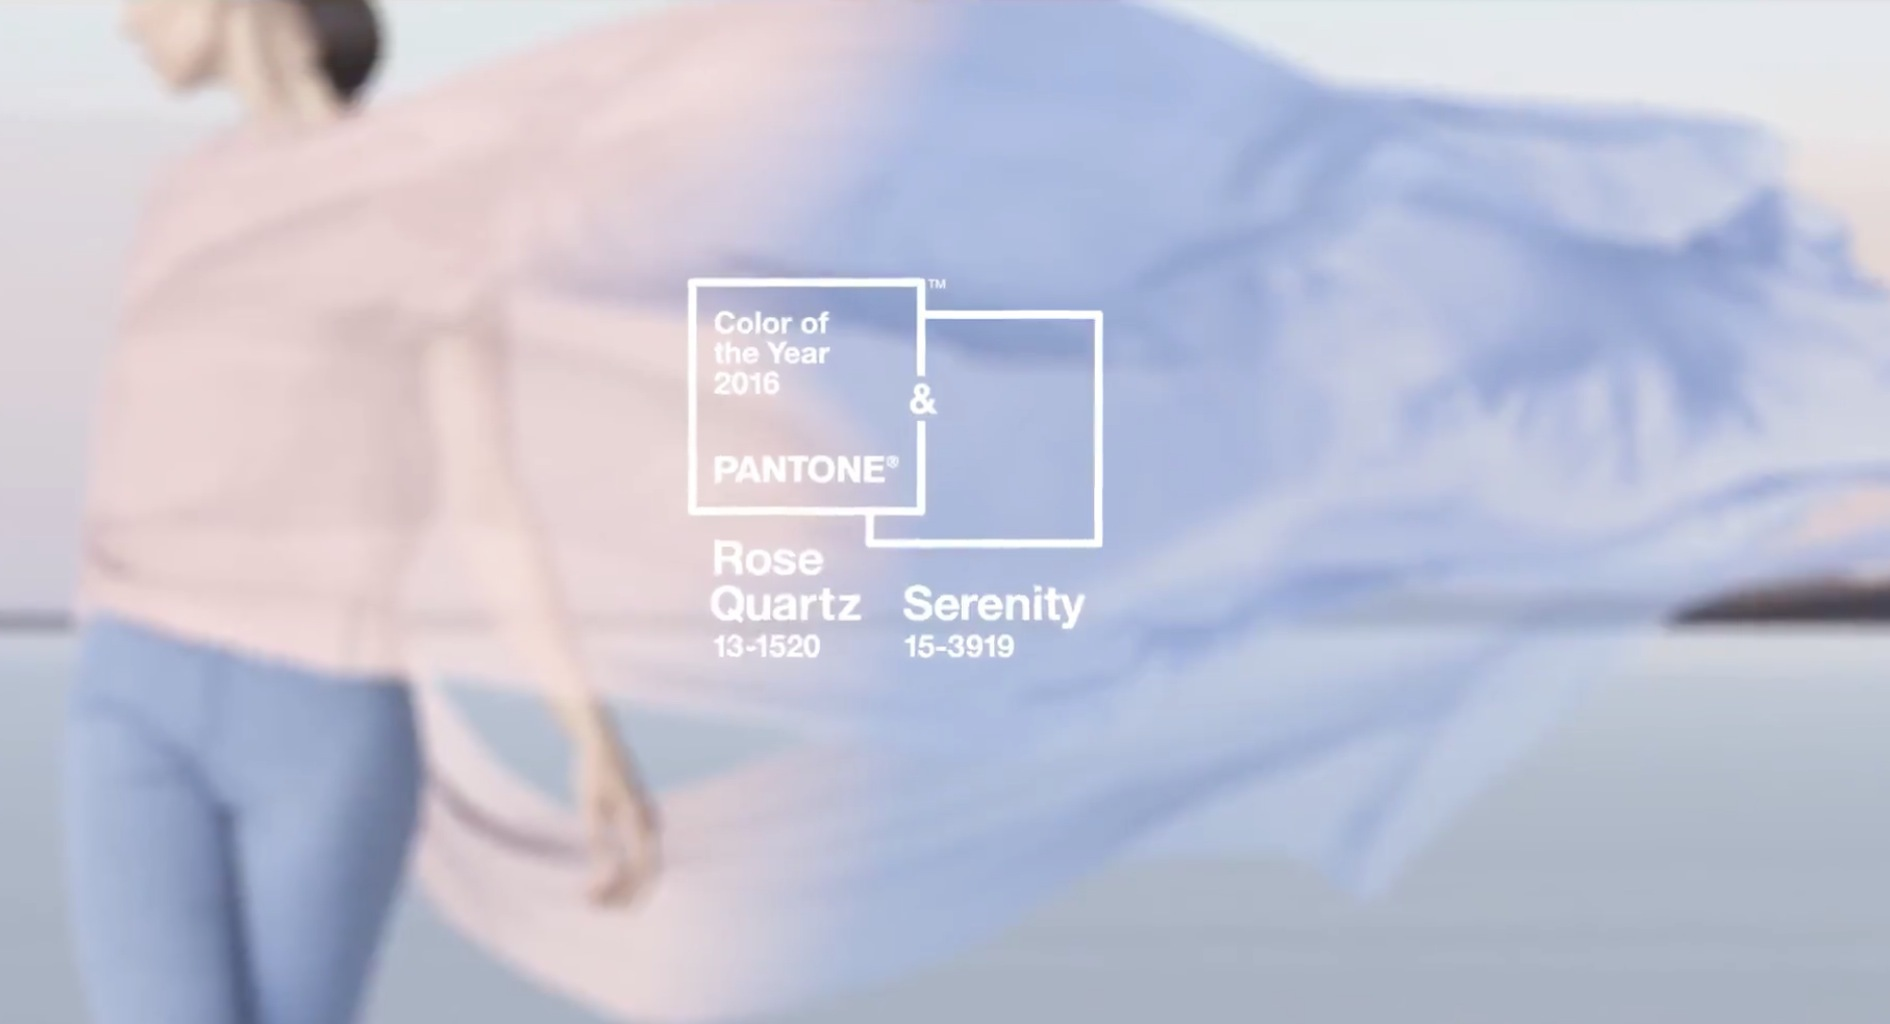 Rosequarts och Serenity är färginstitutet Pantones trendfärger 2016.